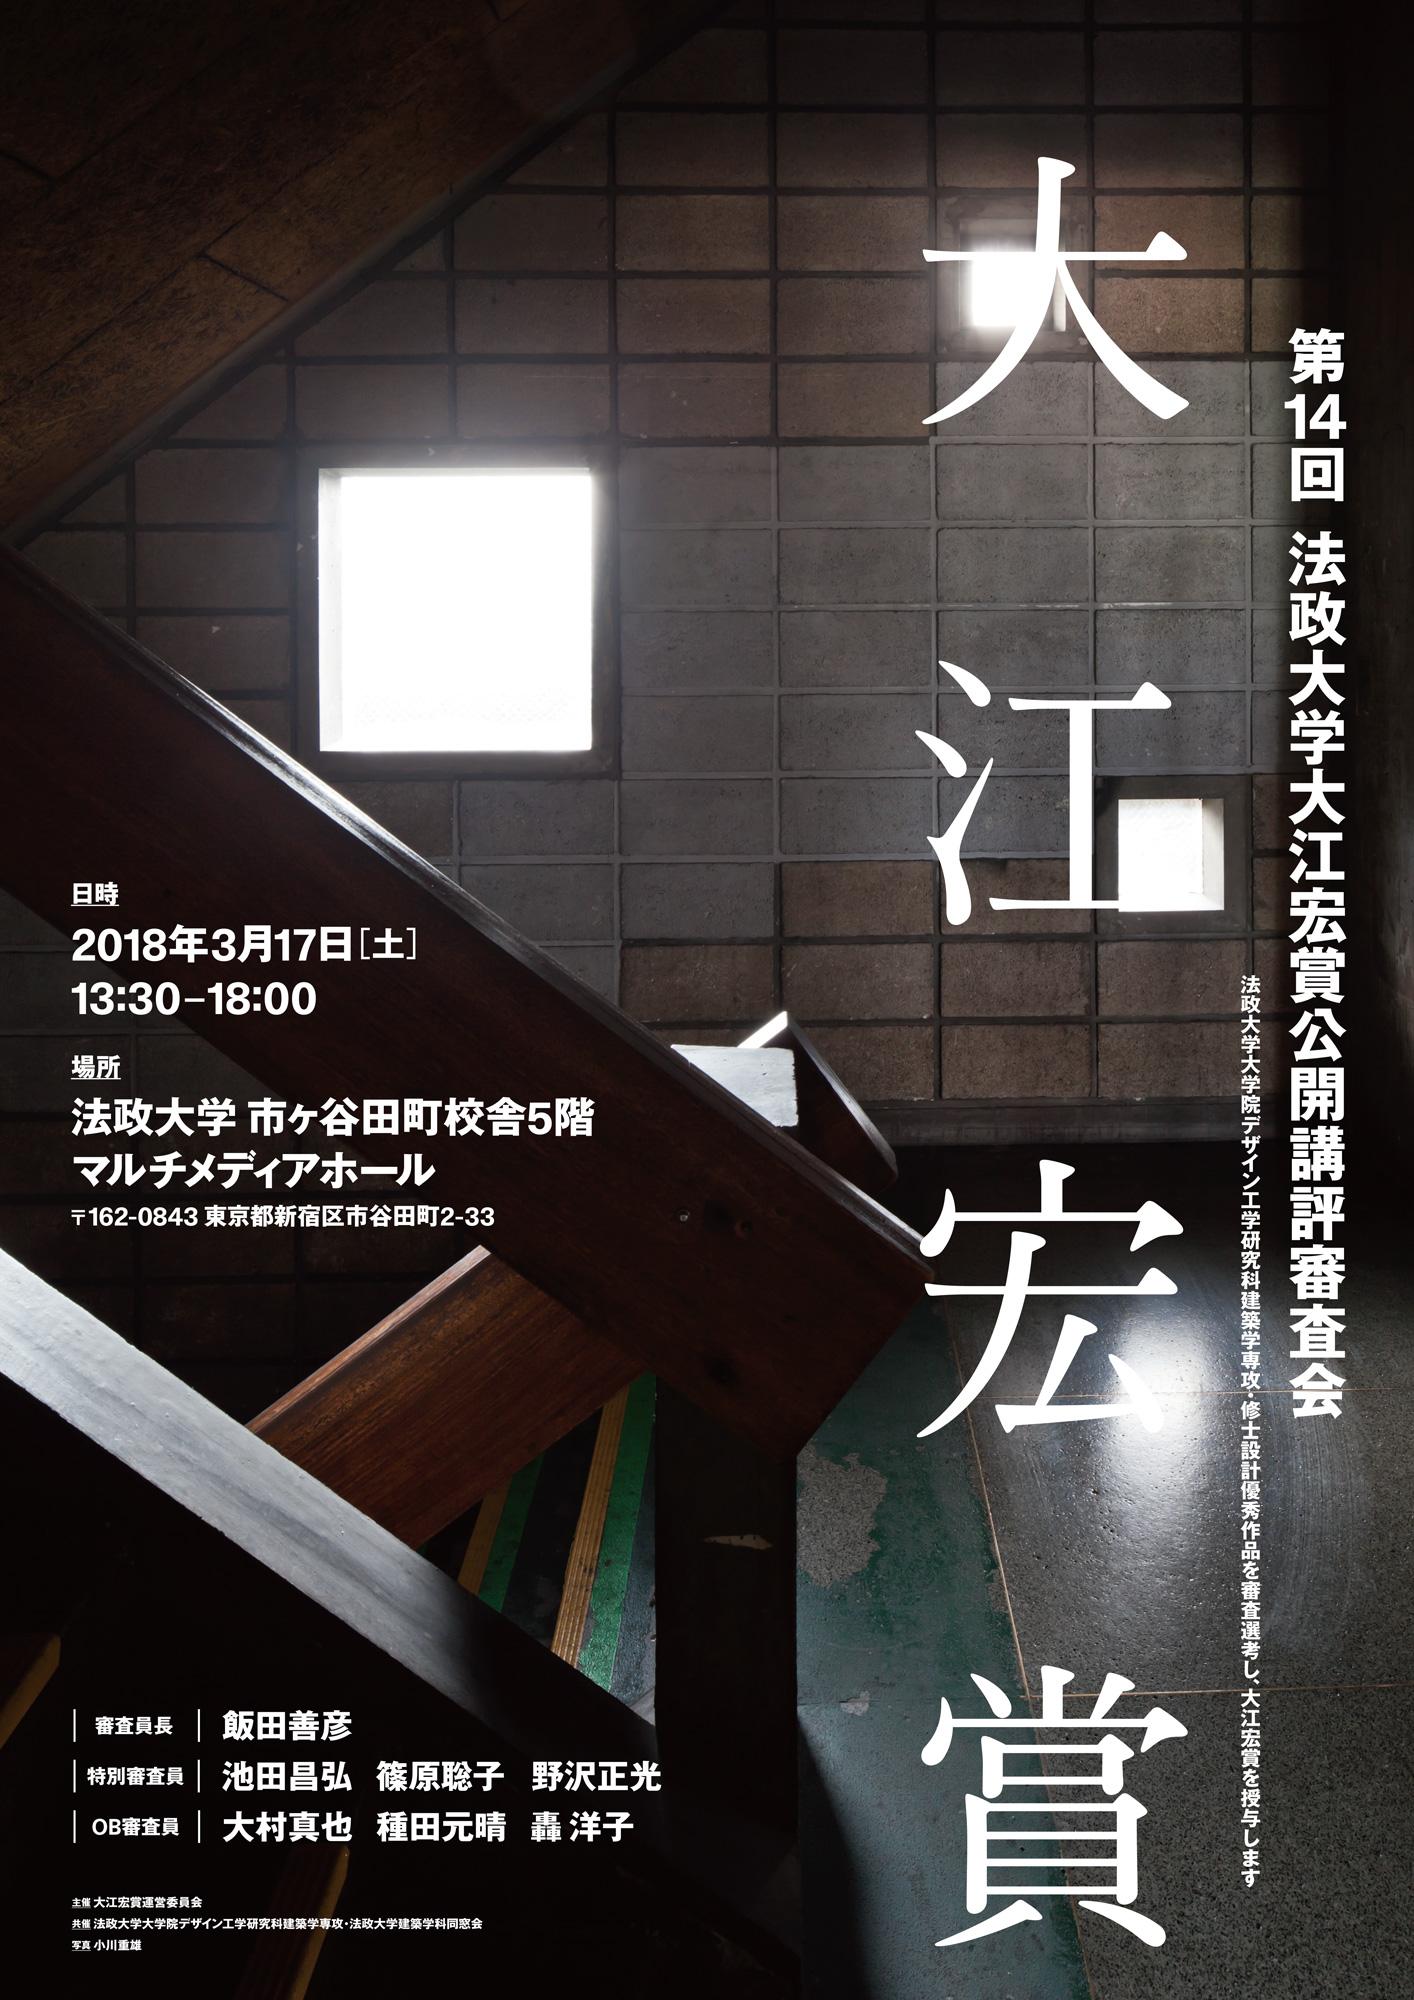 ohePrize2017-poster-A2-171124-1